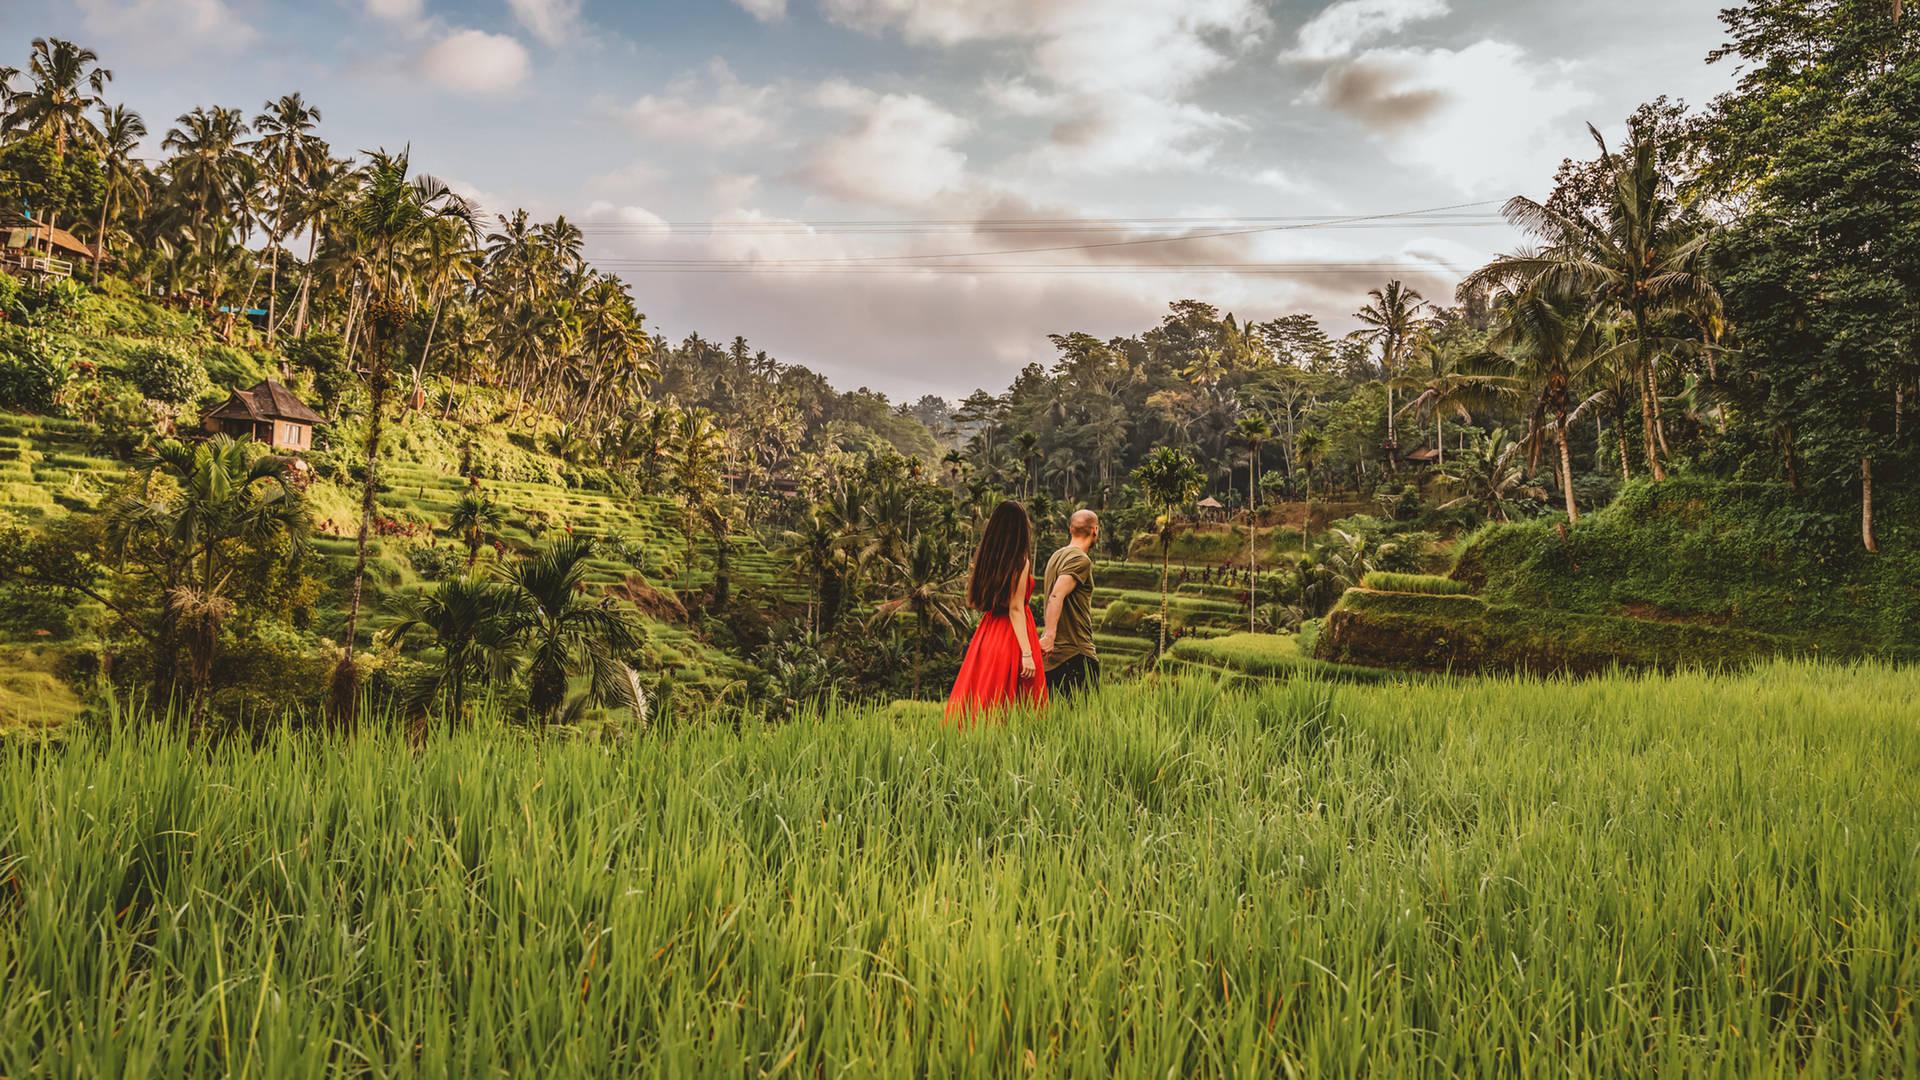 Emerald green rice paddies in Bali